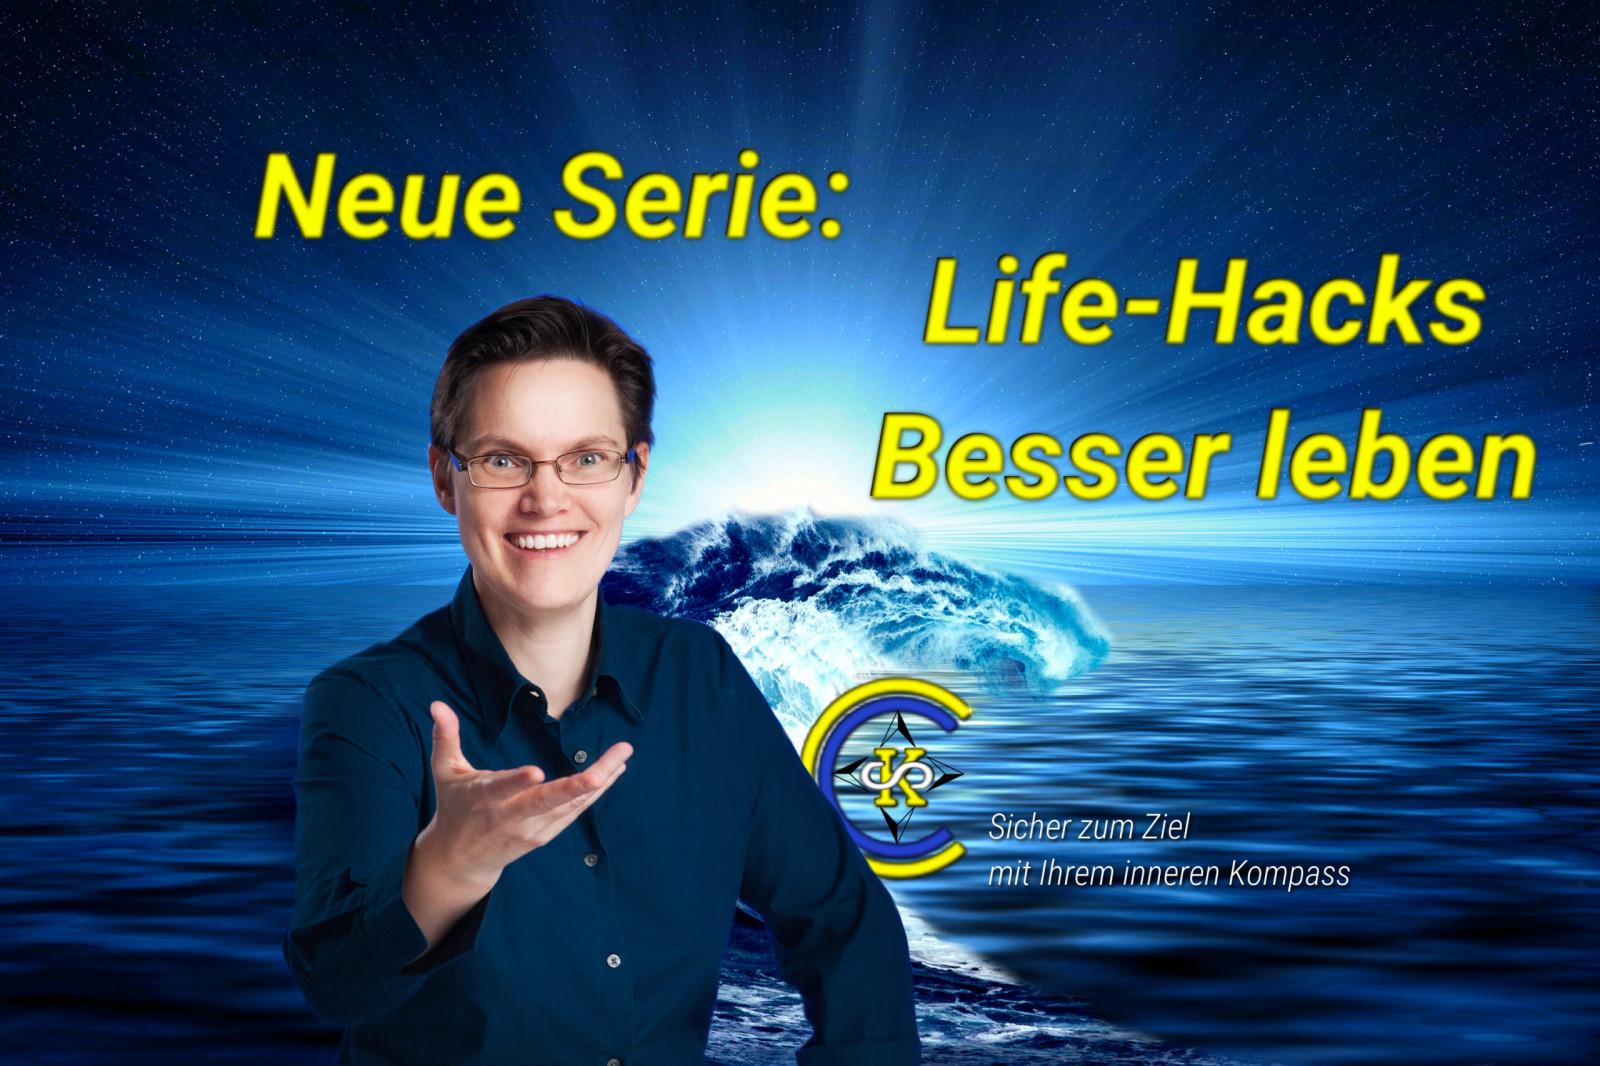 Titelbild zu: Neue Serie: Life Hacks: Besser leben - Man sieht eine aufgehende Sonne über dem Meer, davor eine Welle und Dr. Susanne Kurz